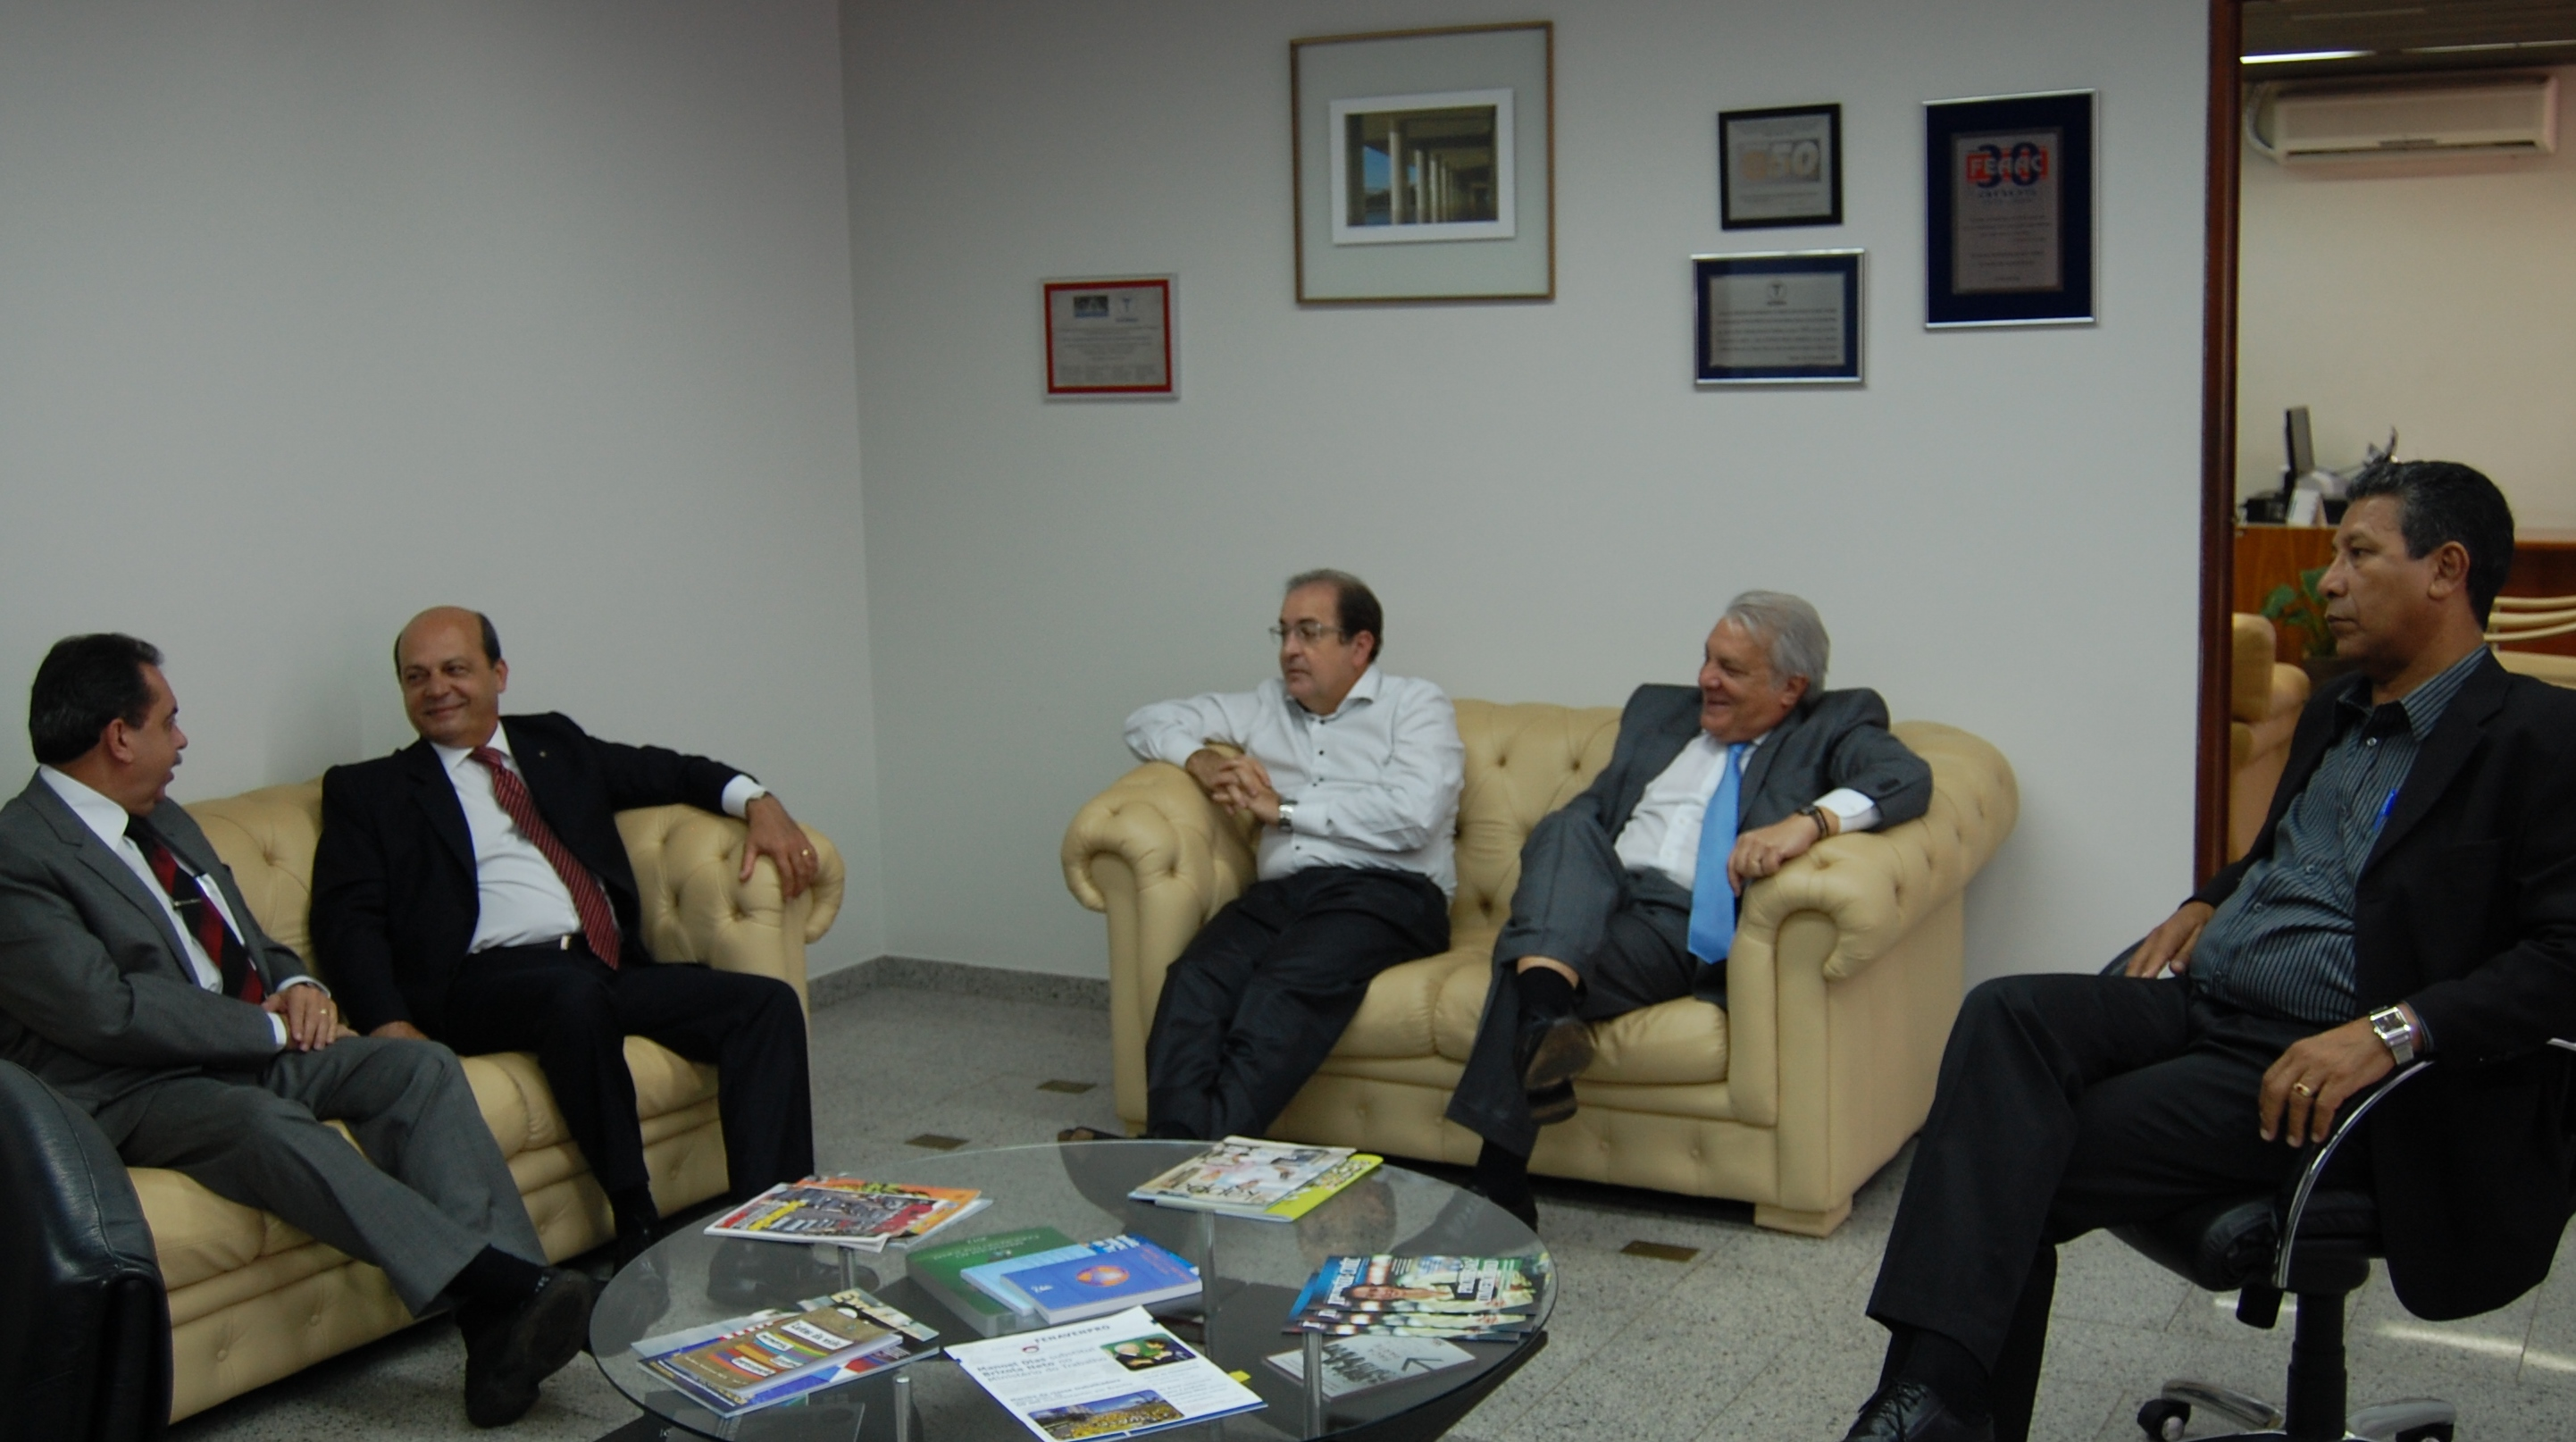 Presidente da Comissão de Trabalho reúne-se com Diretores na CNTC